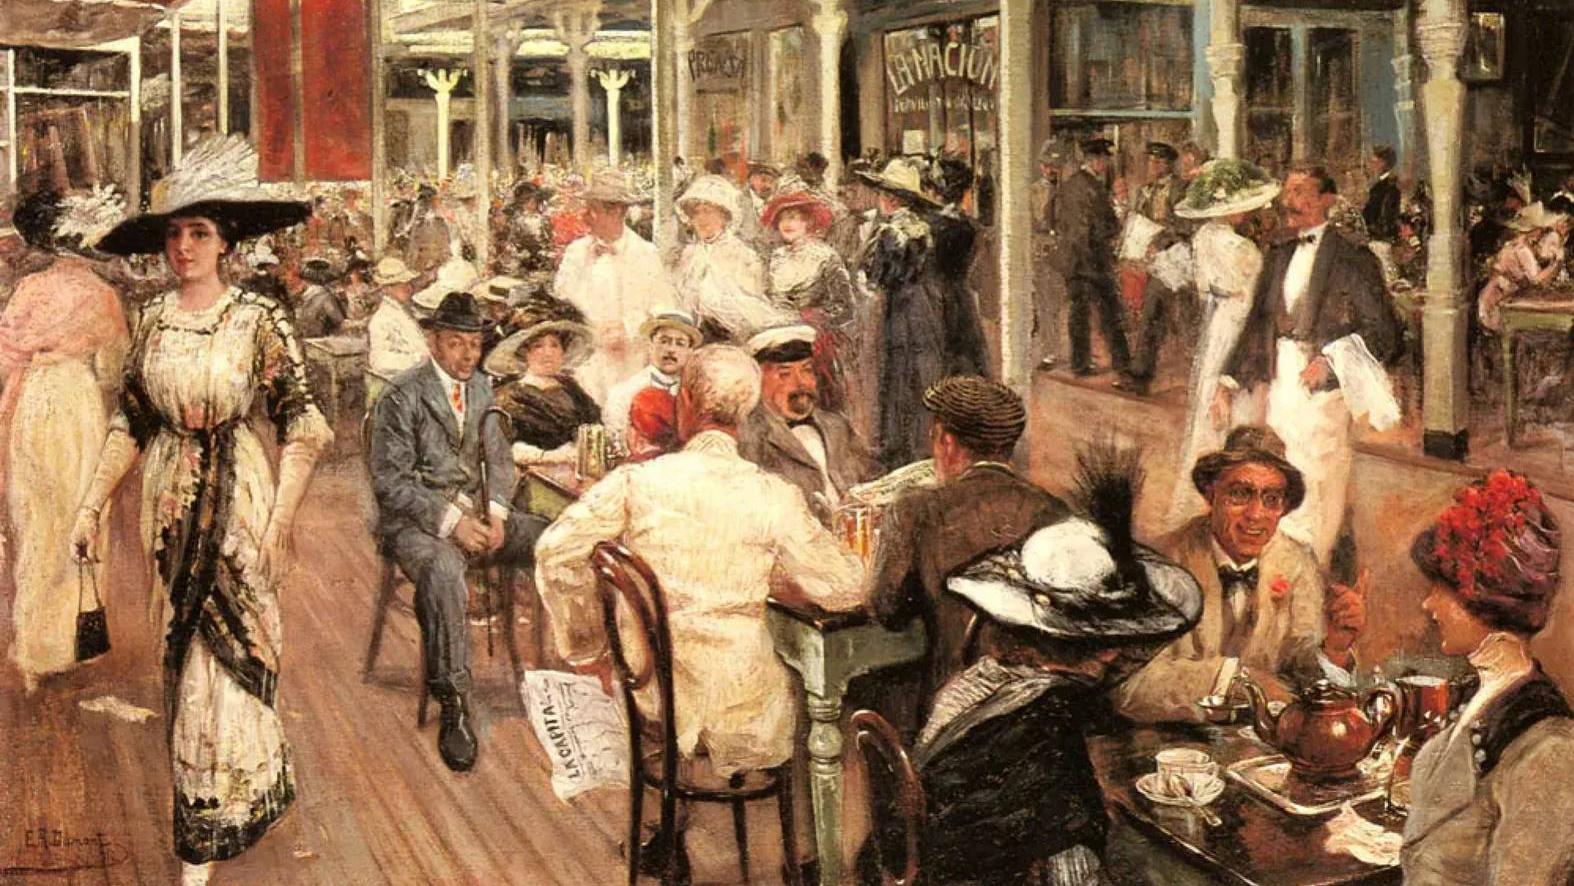 Эухенио Альварес Дюмон. В ресторане (фрагмент). 1900